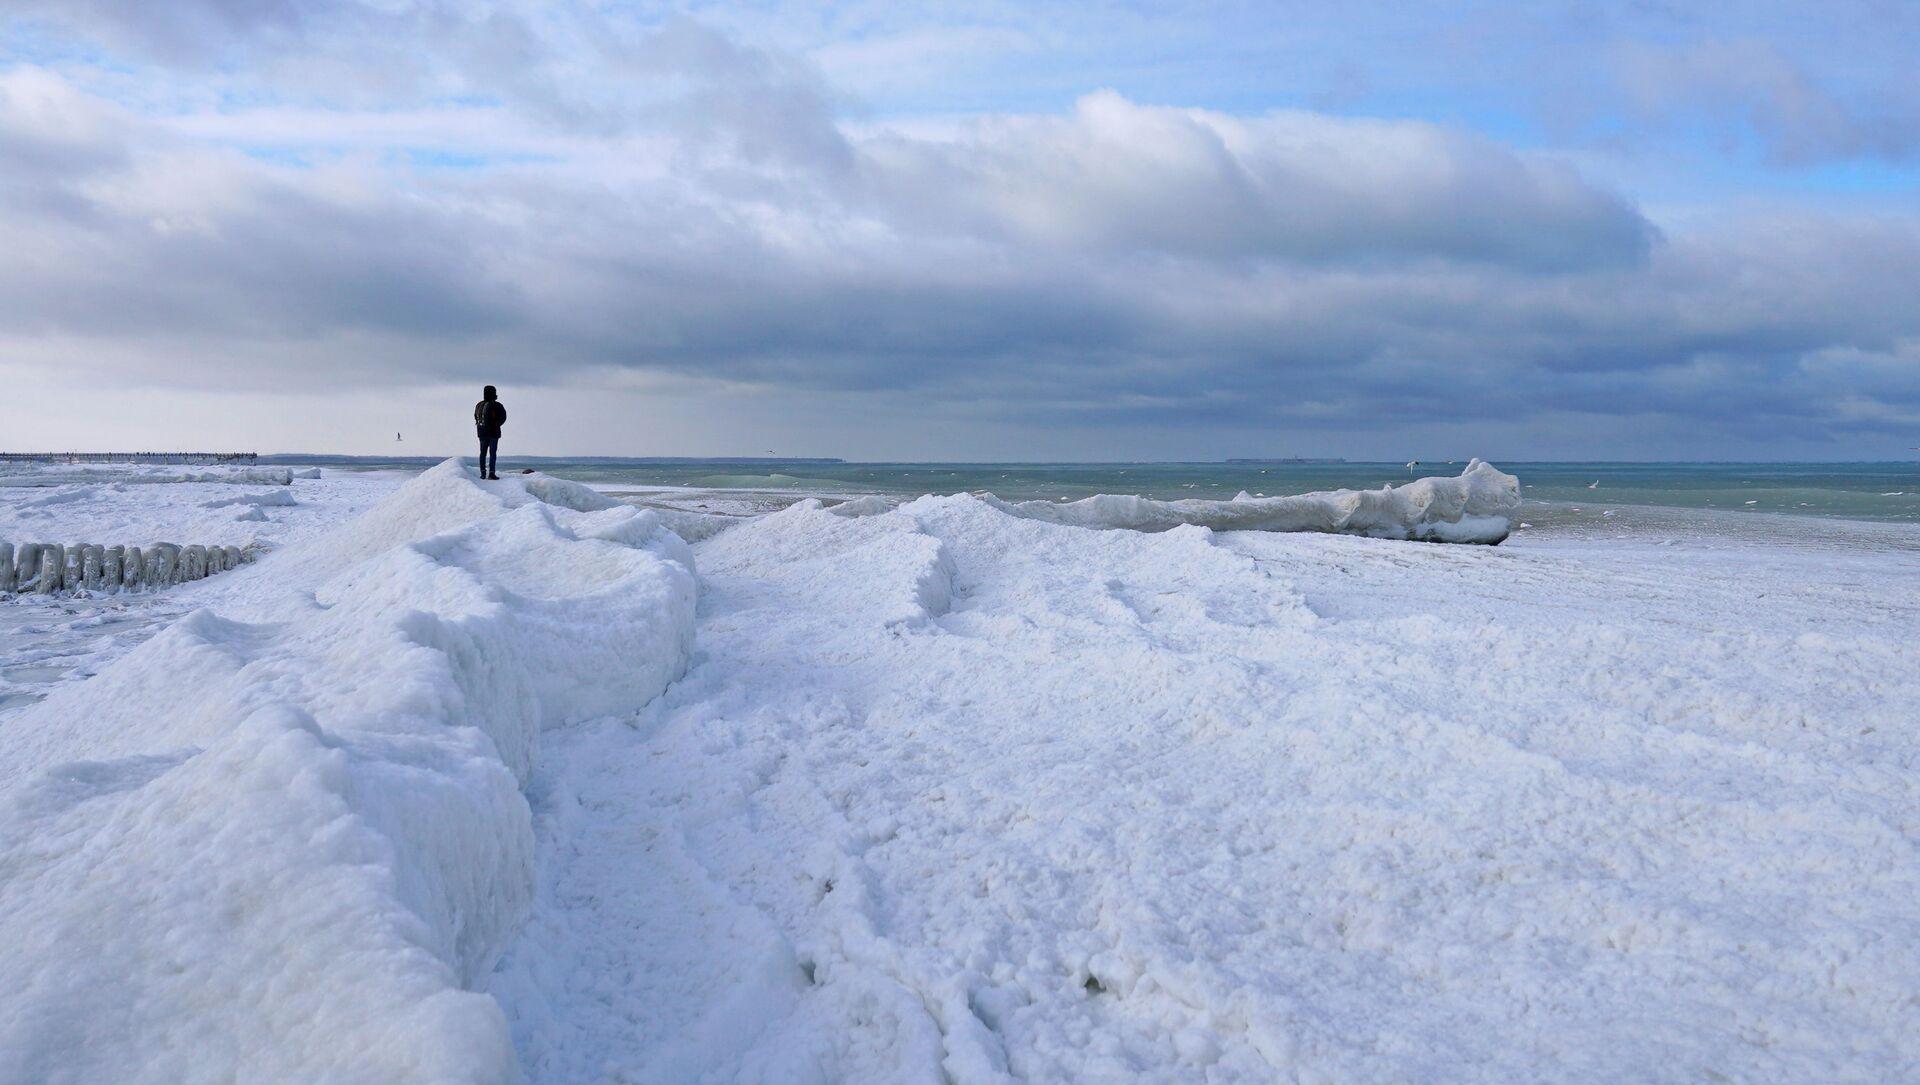 Човек стоји на обали делимично залеђеног Балтичког мора у Зеленоградску у Калињинградској области Русије - Sputnik Србија, 1920, 16.02.2021